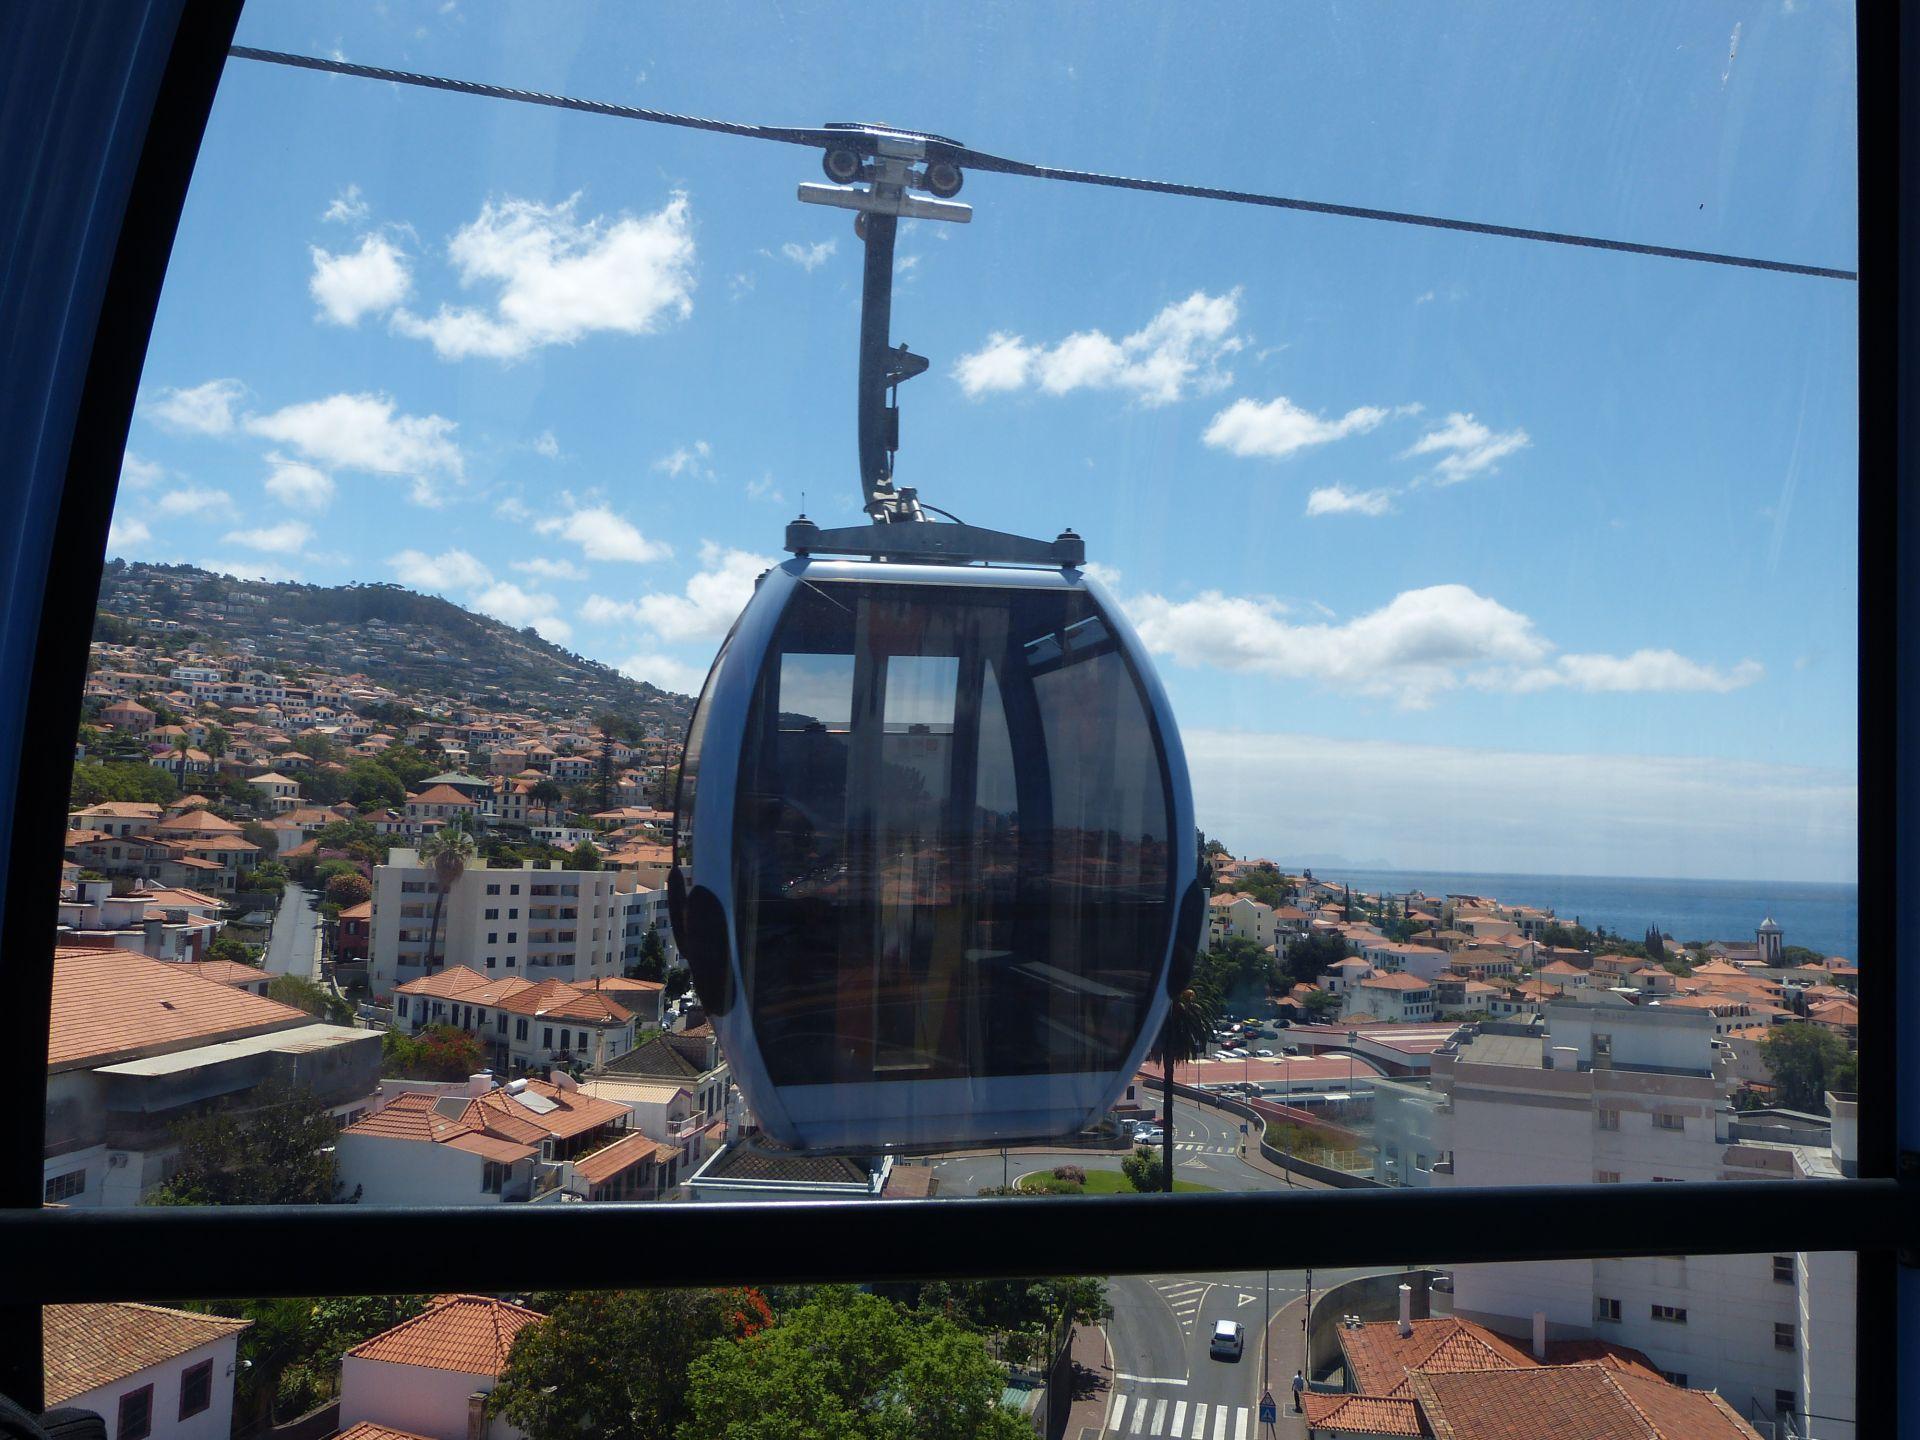 Fahrt mit der Seilbahn von Funchal nach Monte